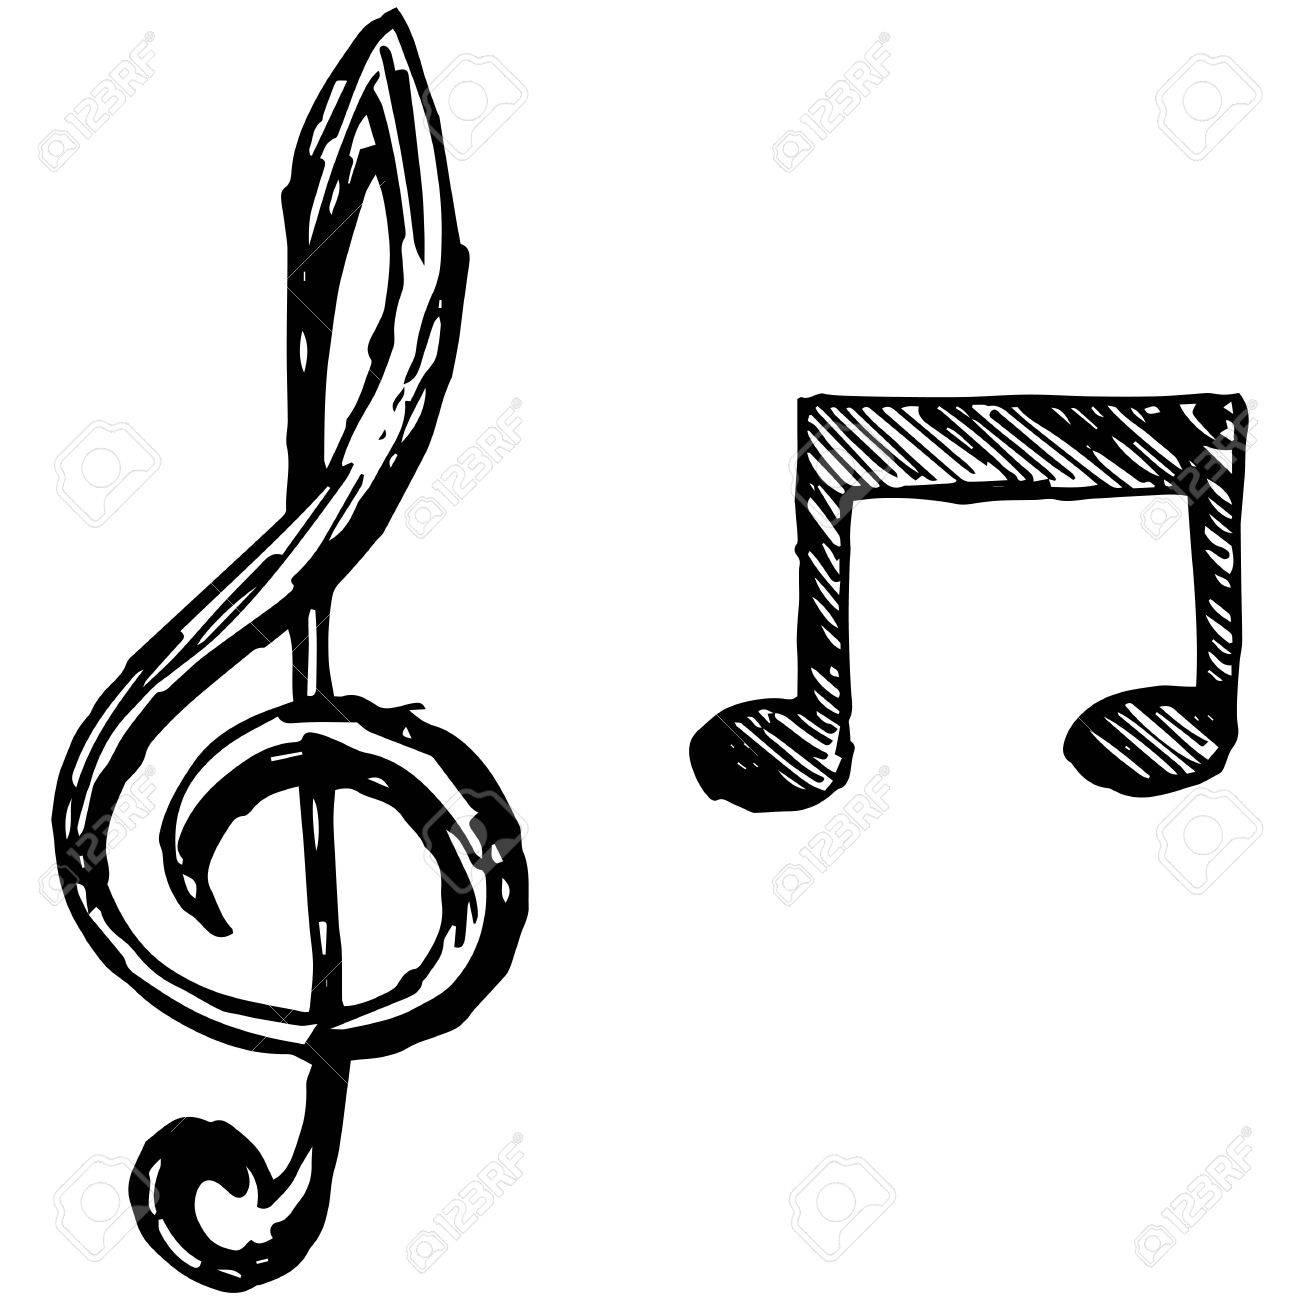 落書きスタイルで音符イラストのイラスト素材ベクタ Image 63112430